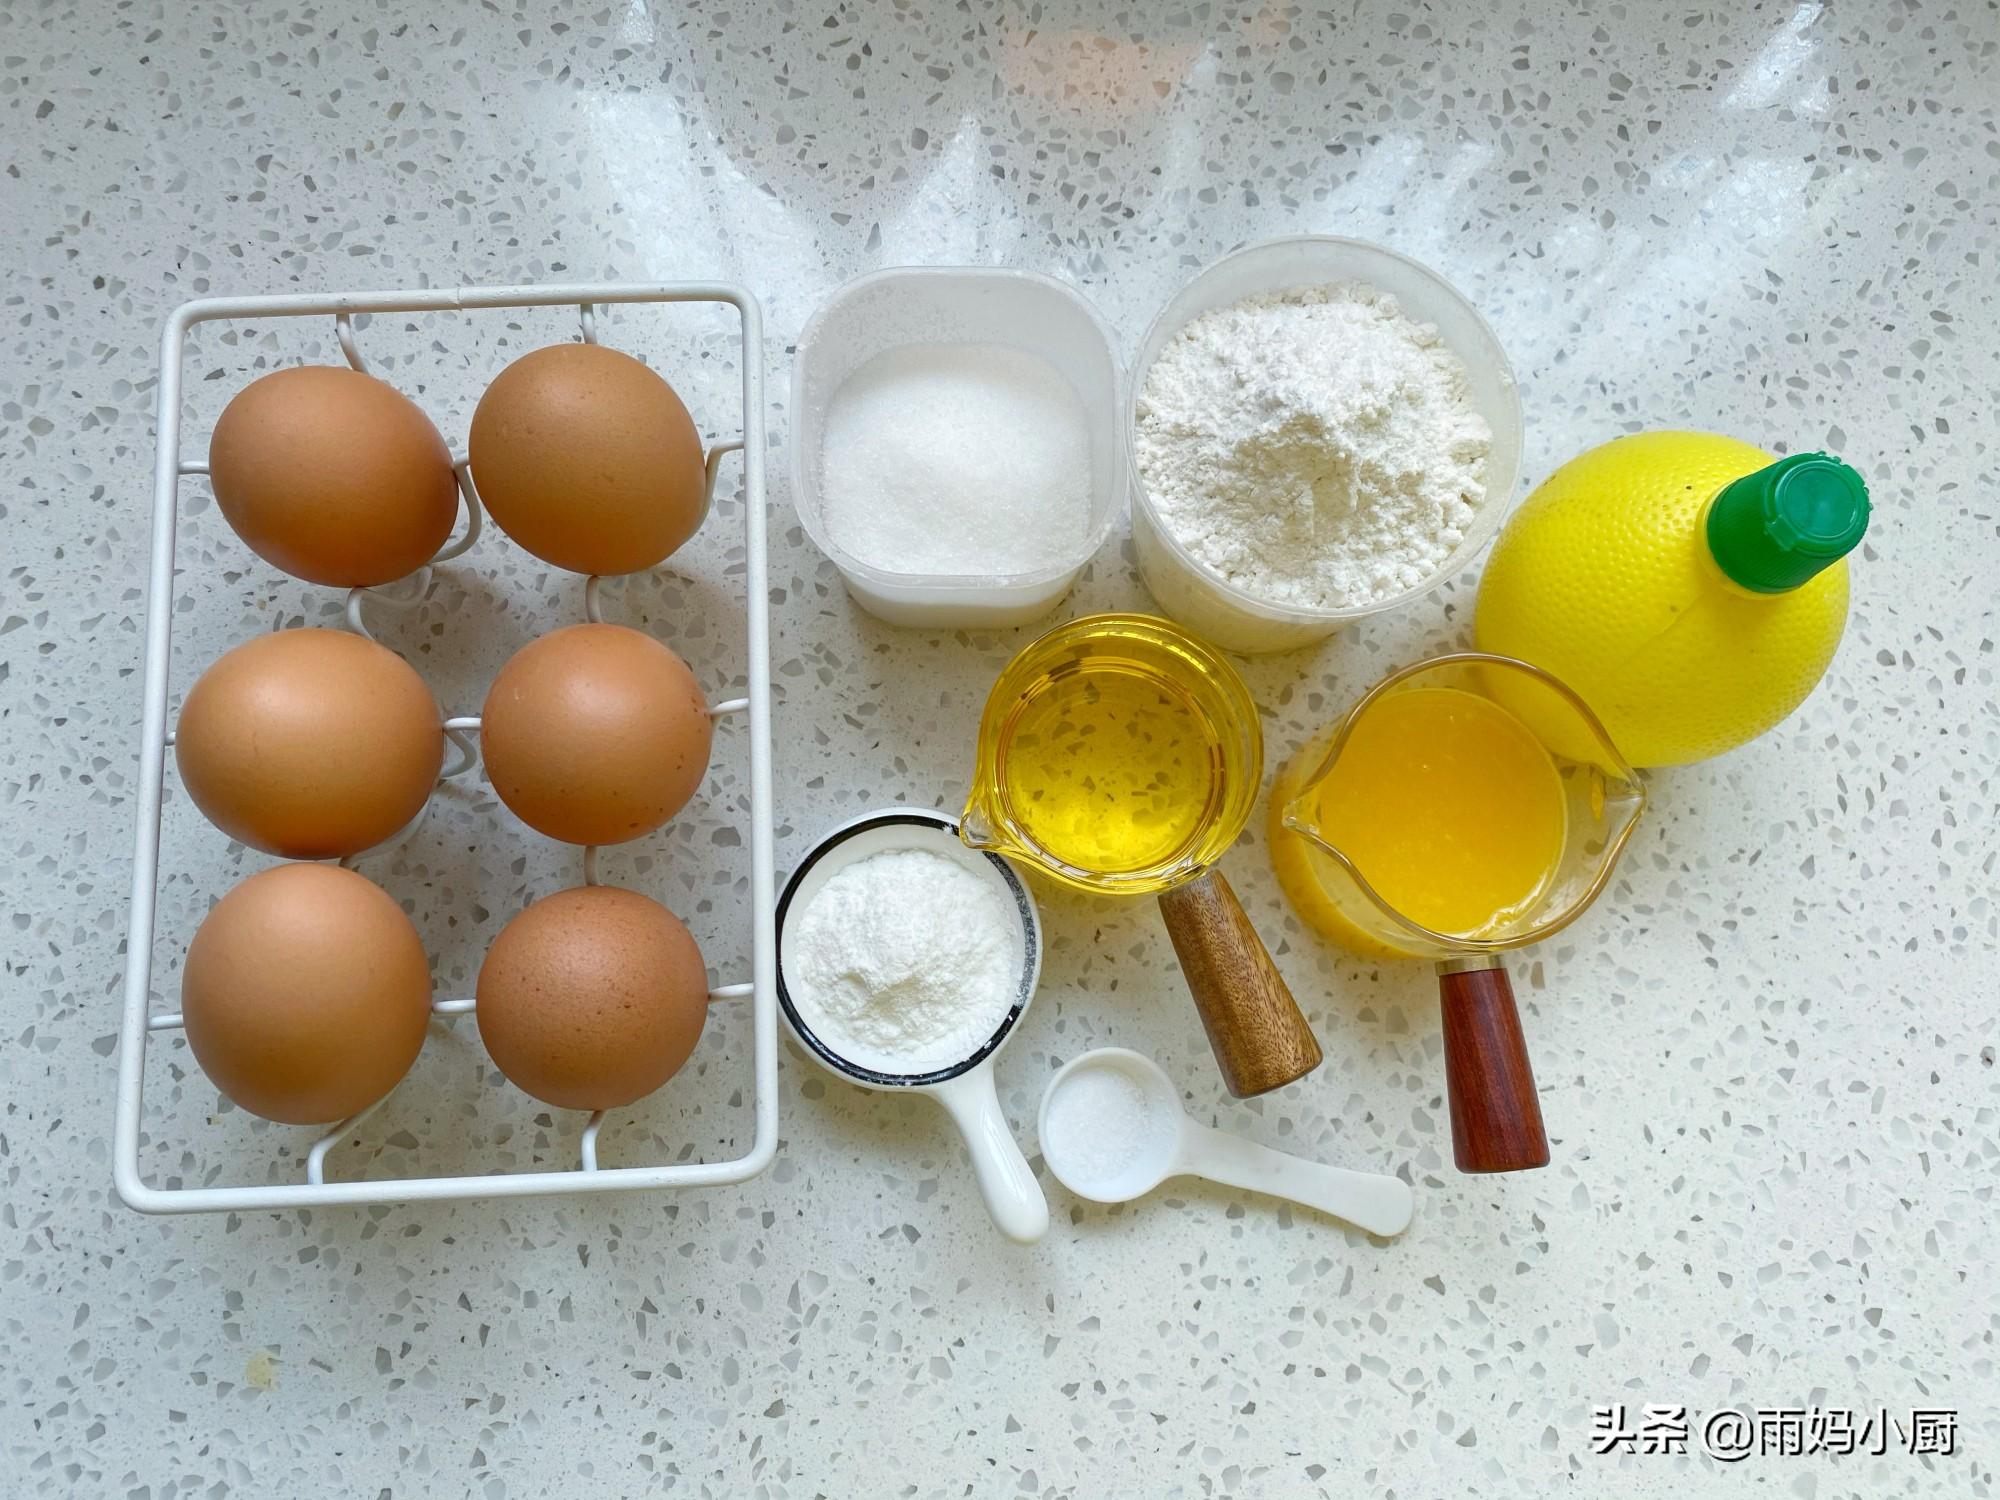 橙子也能做蛋糕?橙香十足,松软细腻,比原味戚风好吃多了